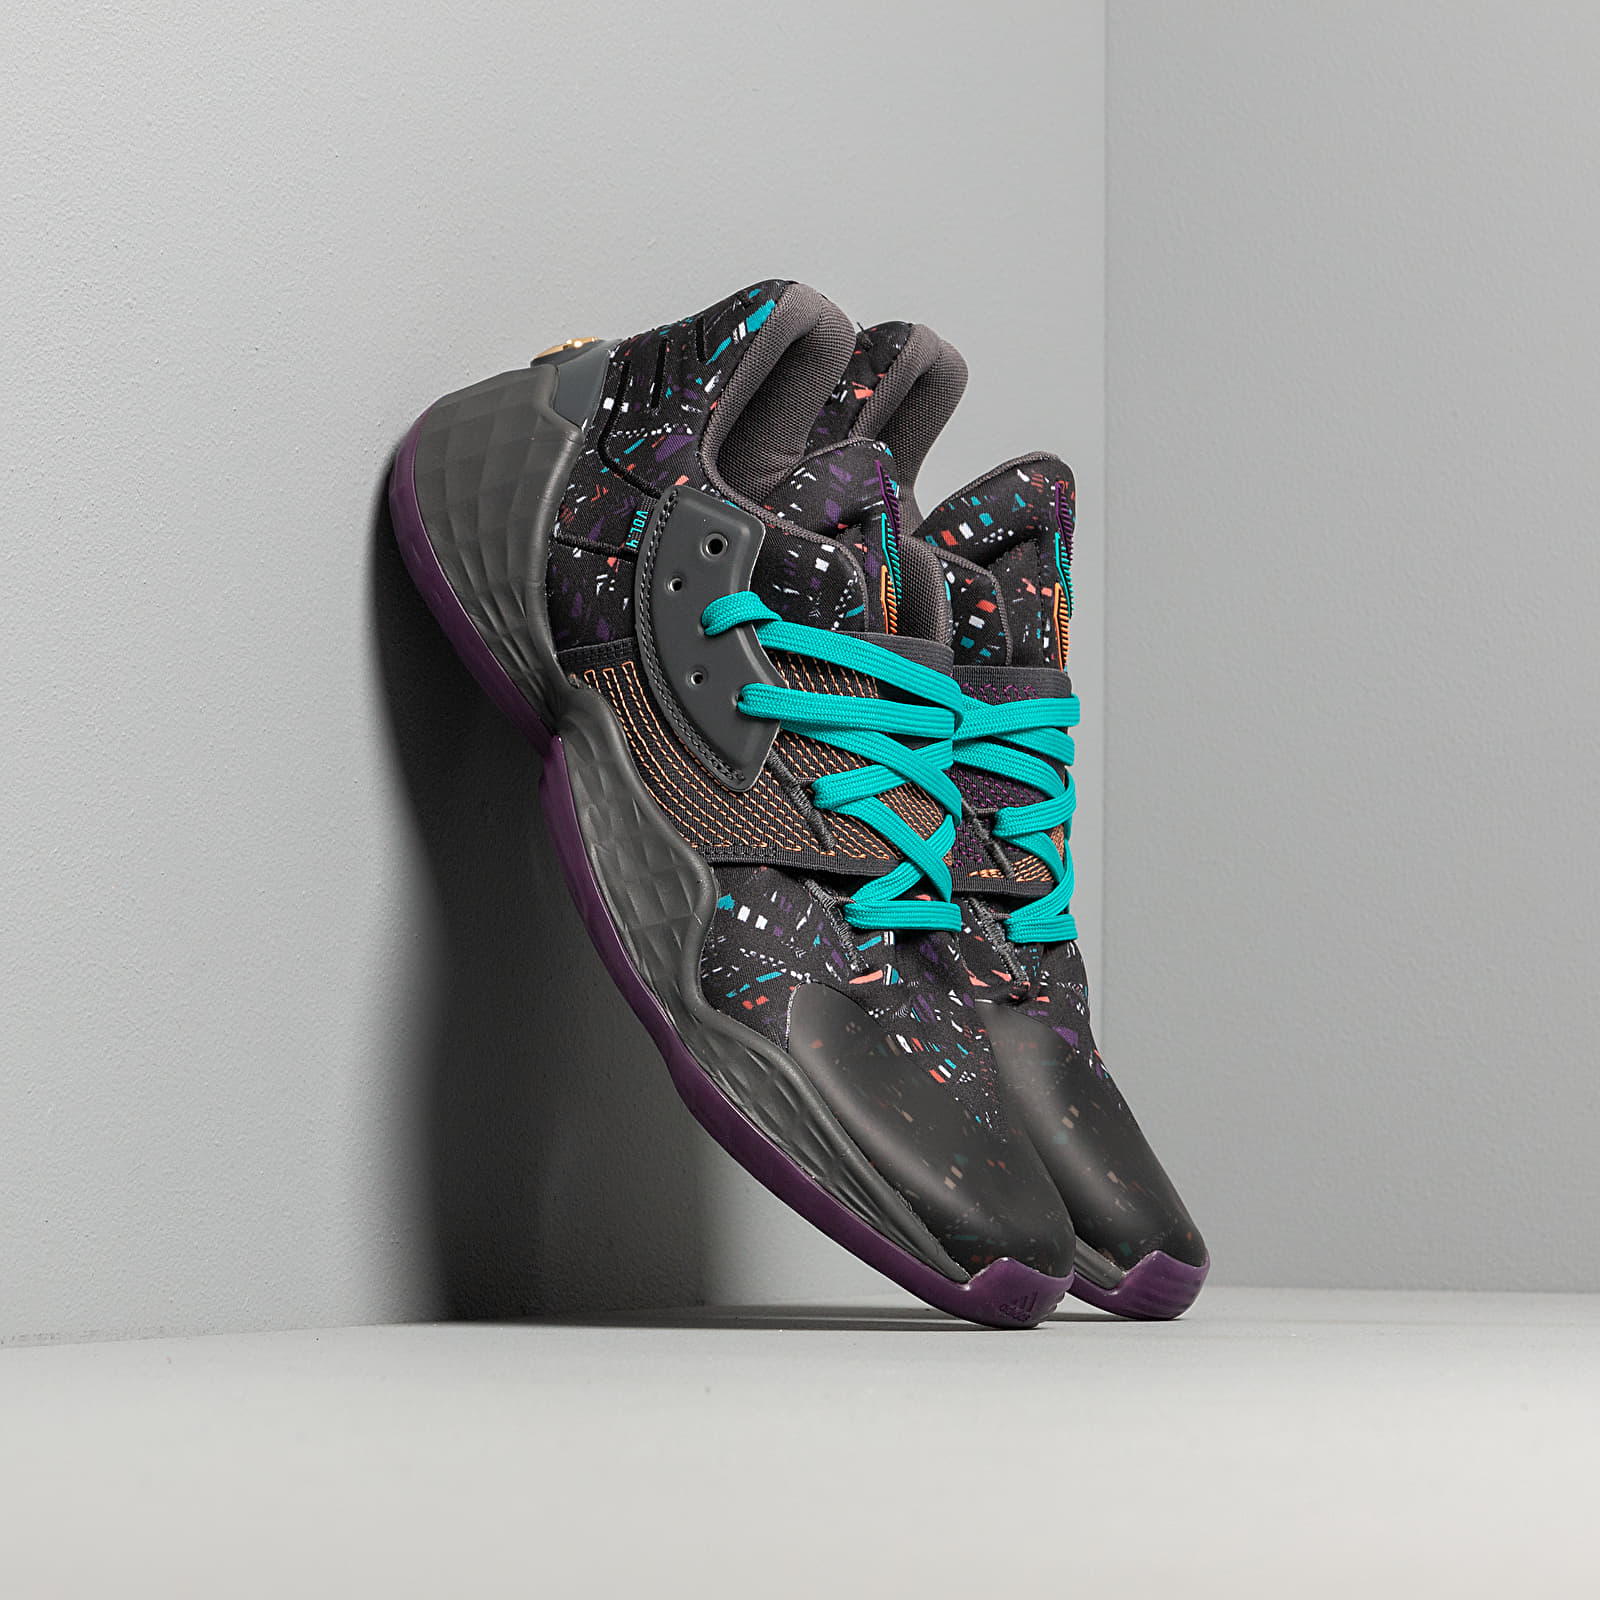 Pánské tenisky a boty adidas Harden Vol. 4 Core Black/ Amber Tint/ Grey Six